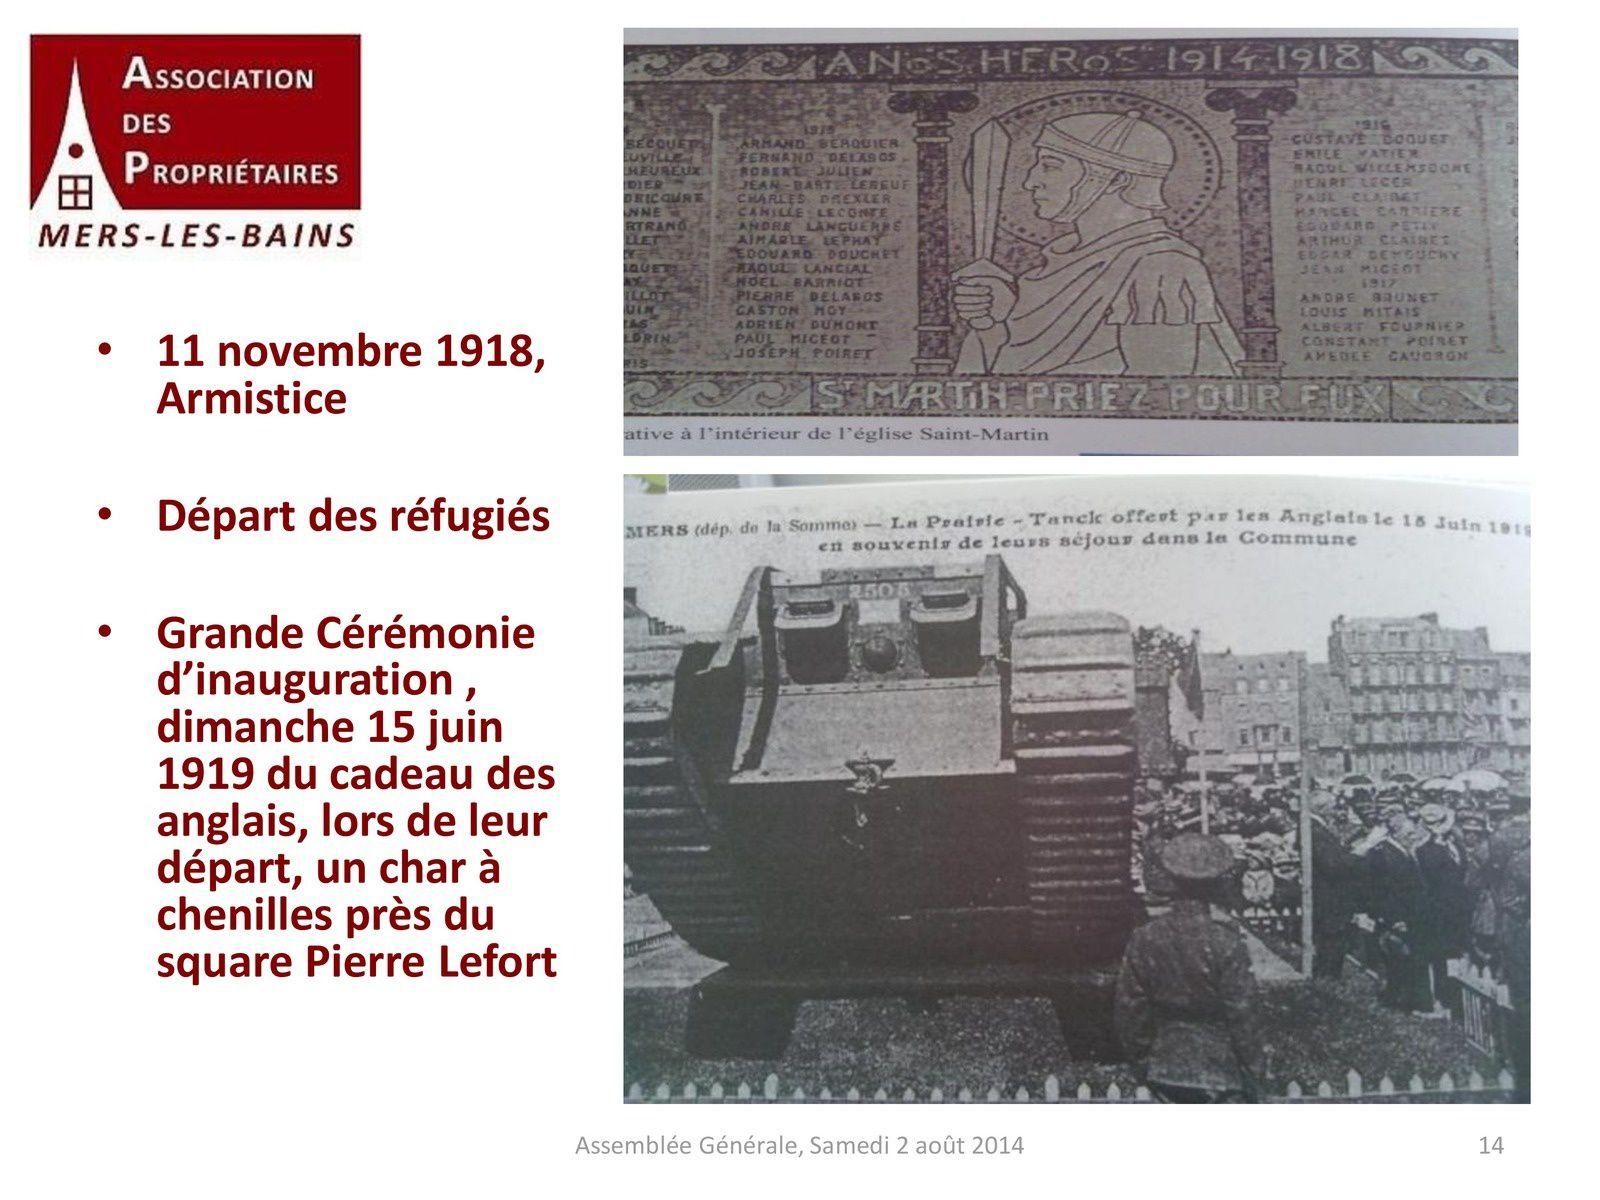 Présentation de Catherine GINER : L'Association des propriétaires de Mers-les-Bains pendant la première guerre mondiale 1914-1918